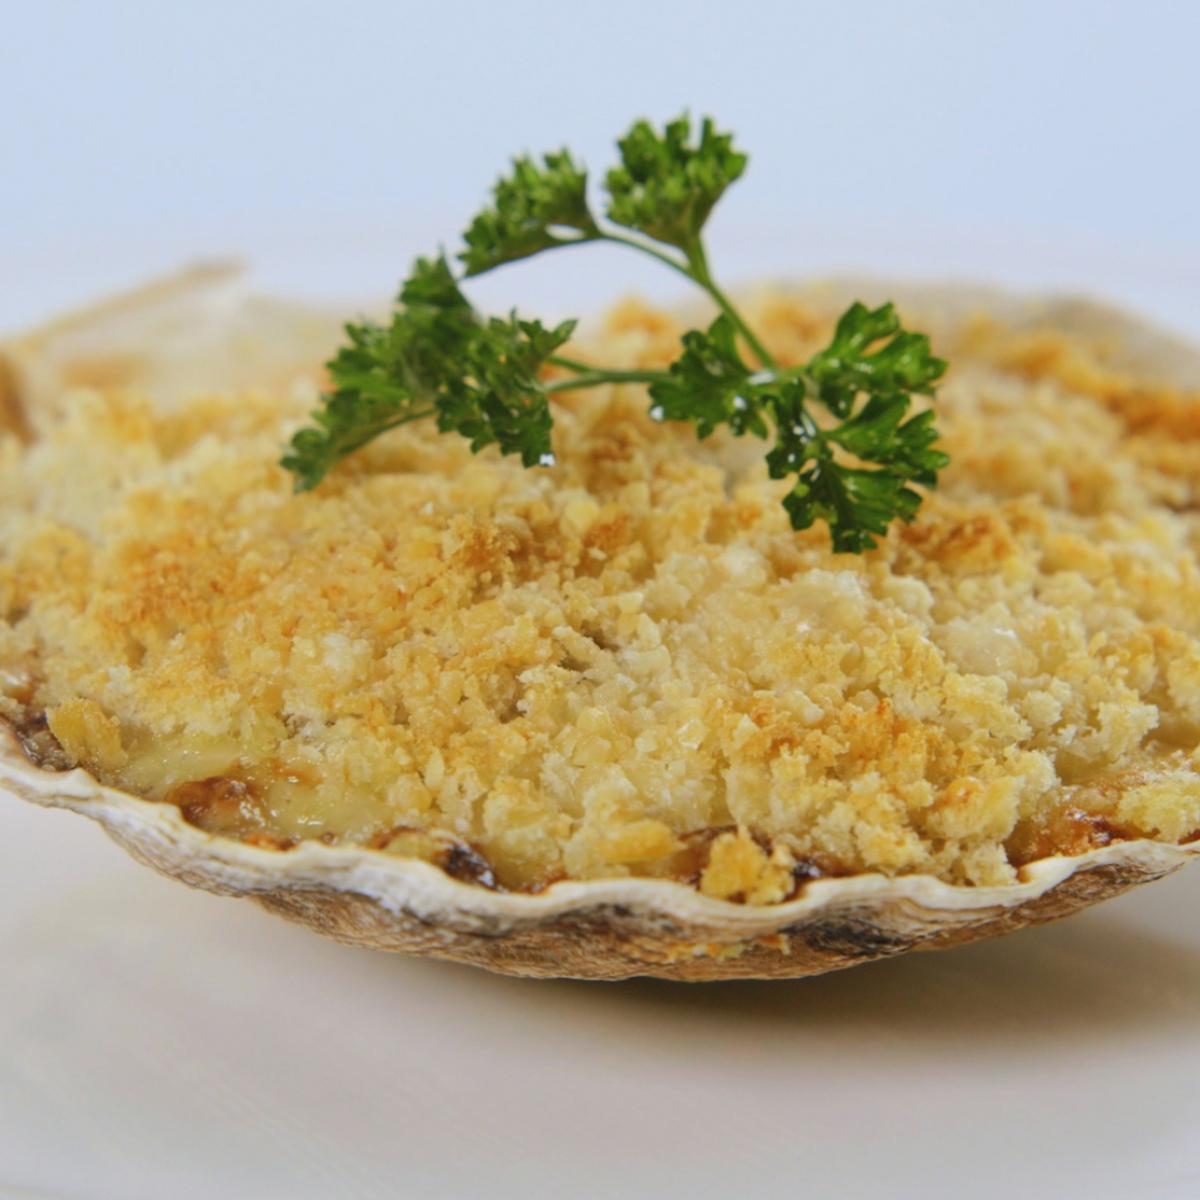 A picture of Delia's Scallops in the Shell recipe